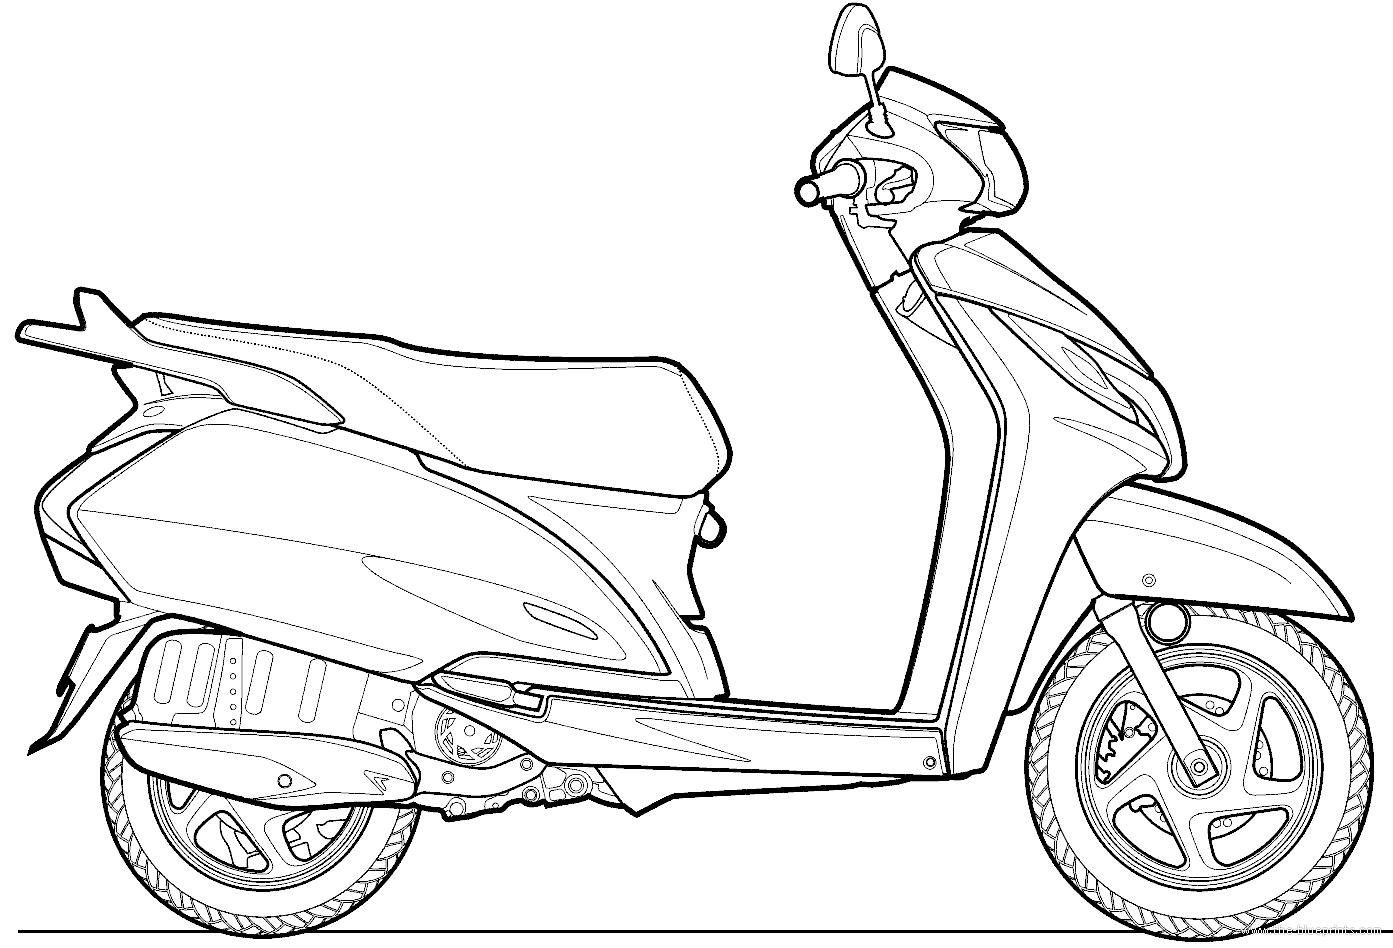 Blueprints Gt Motorcycles Gt Honda Gt Honda Activa 125